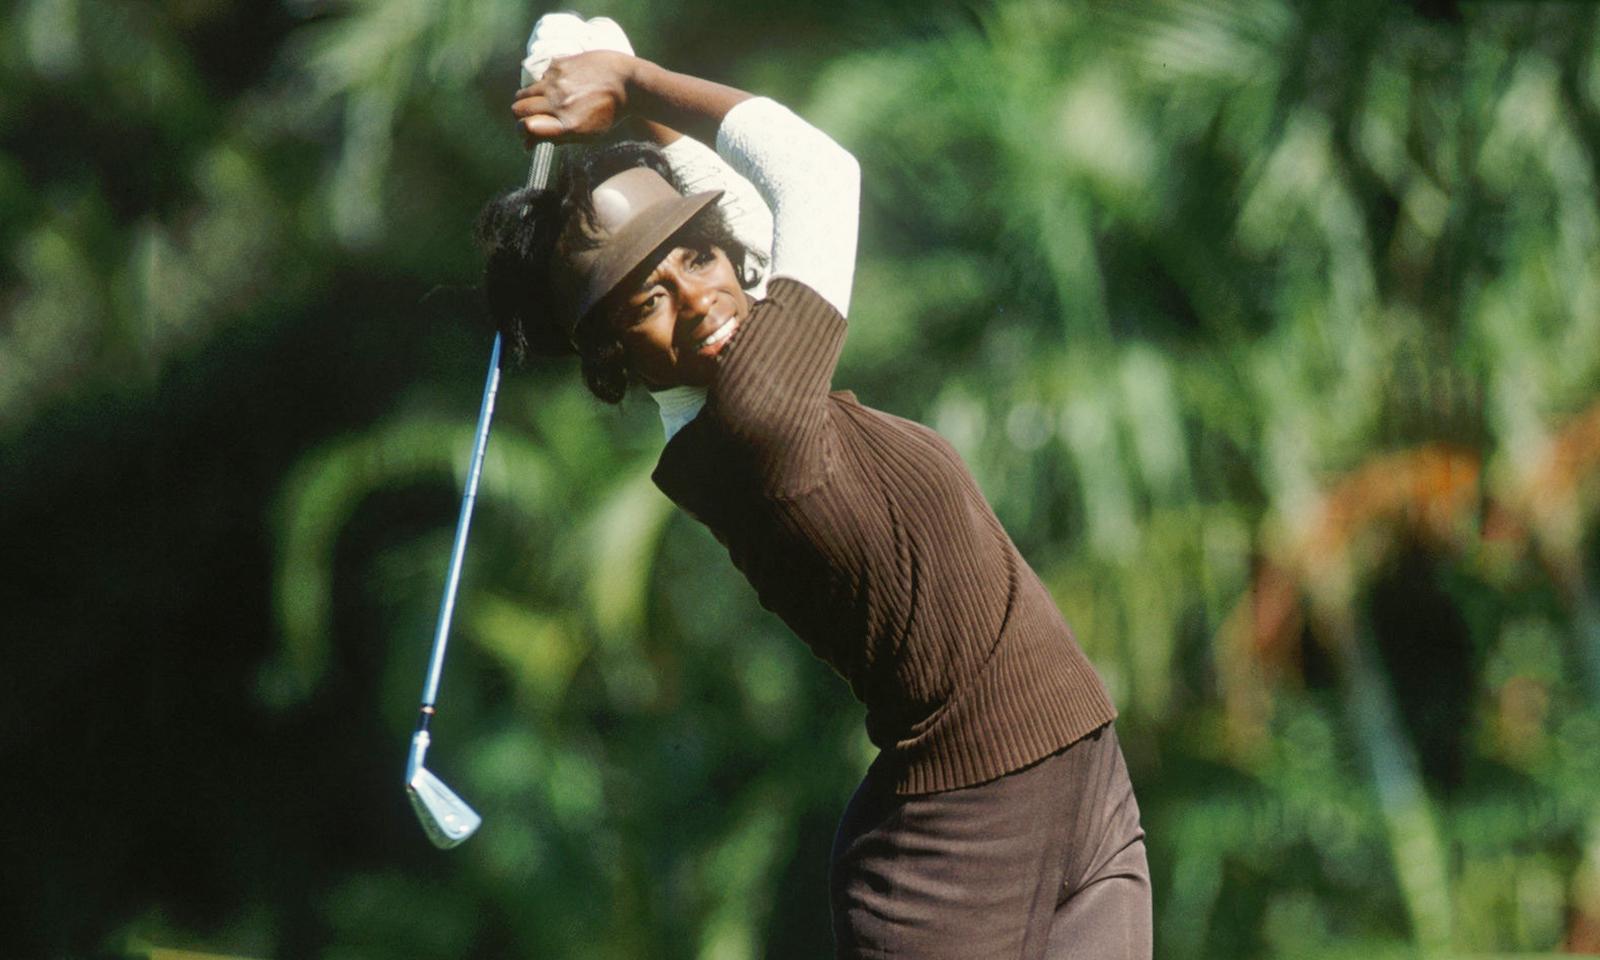 Lady Pioneers in Golf Renee Powel